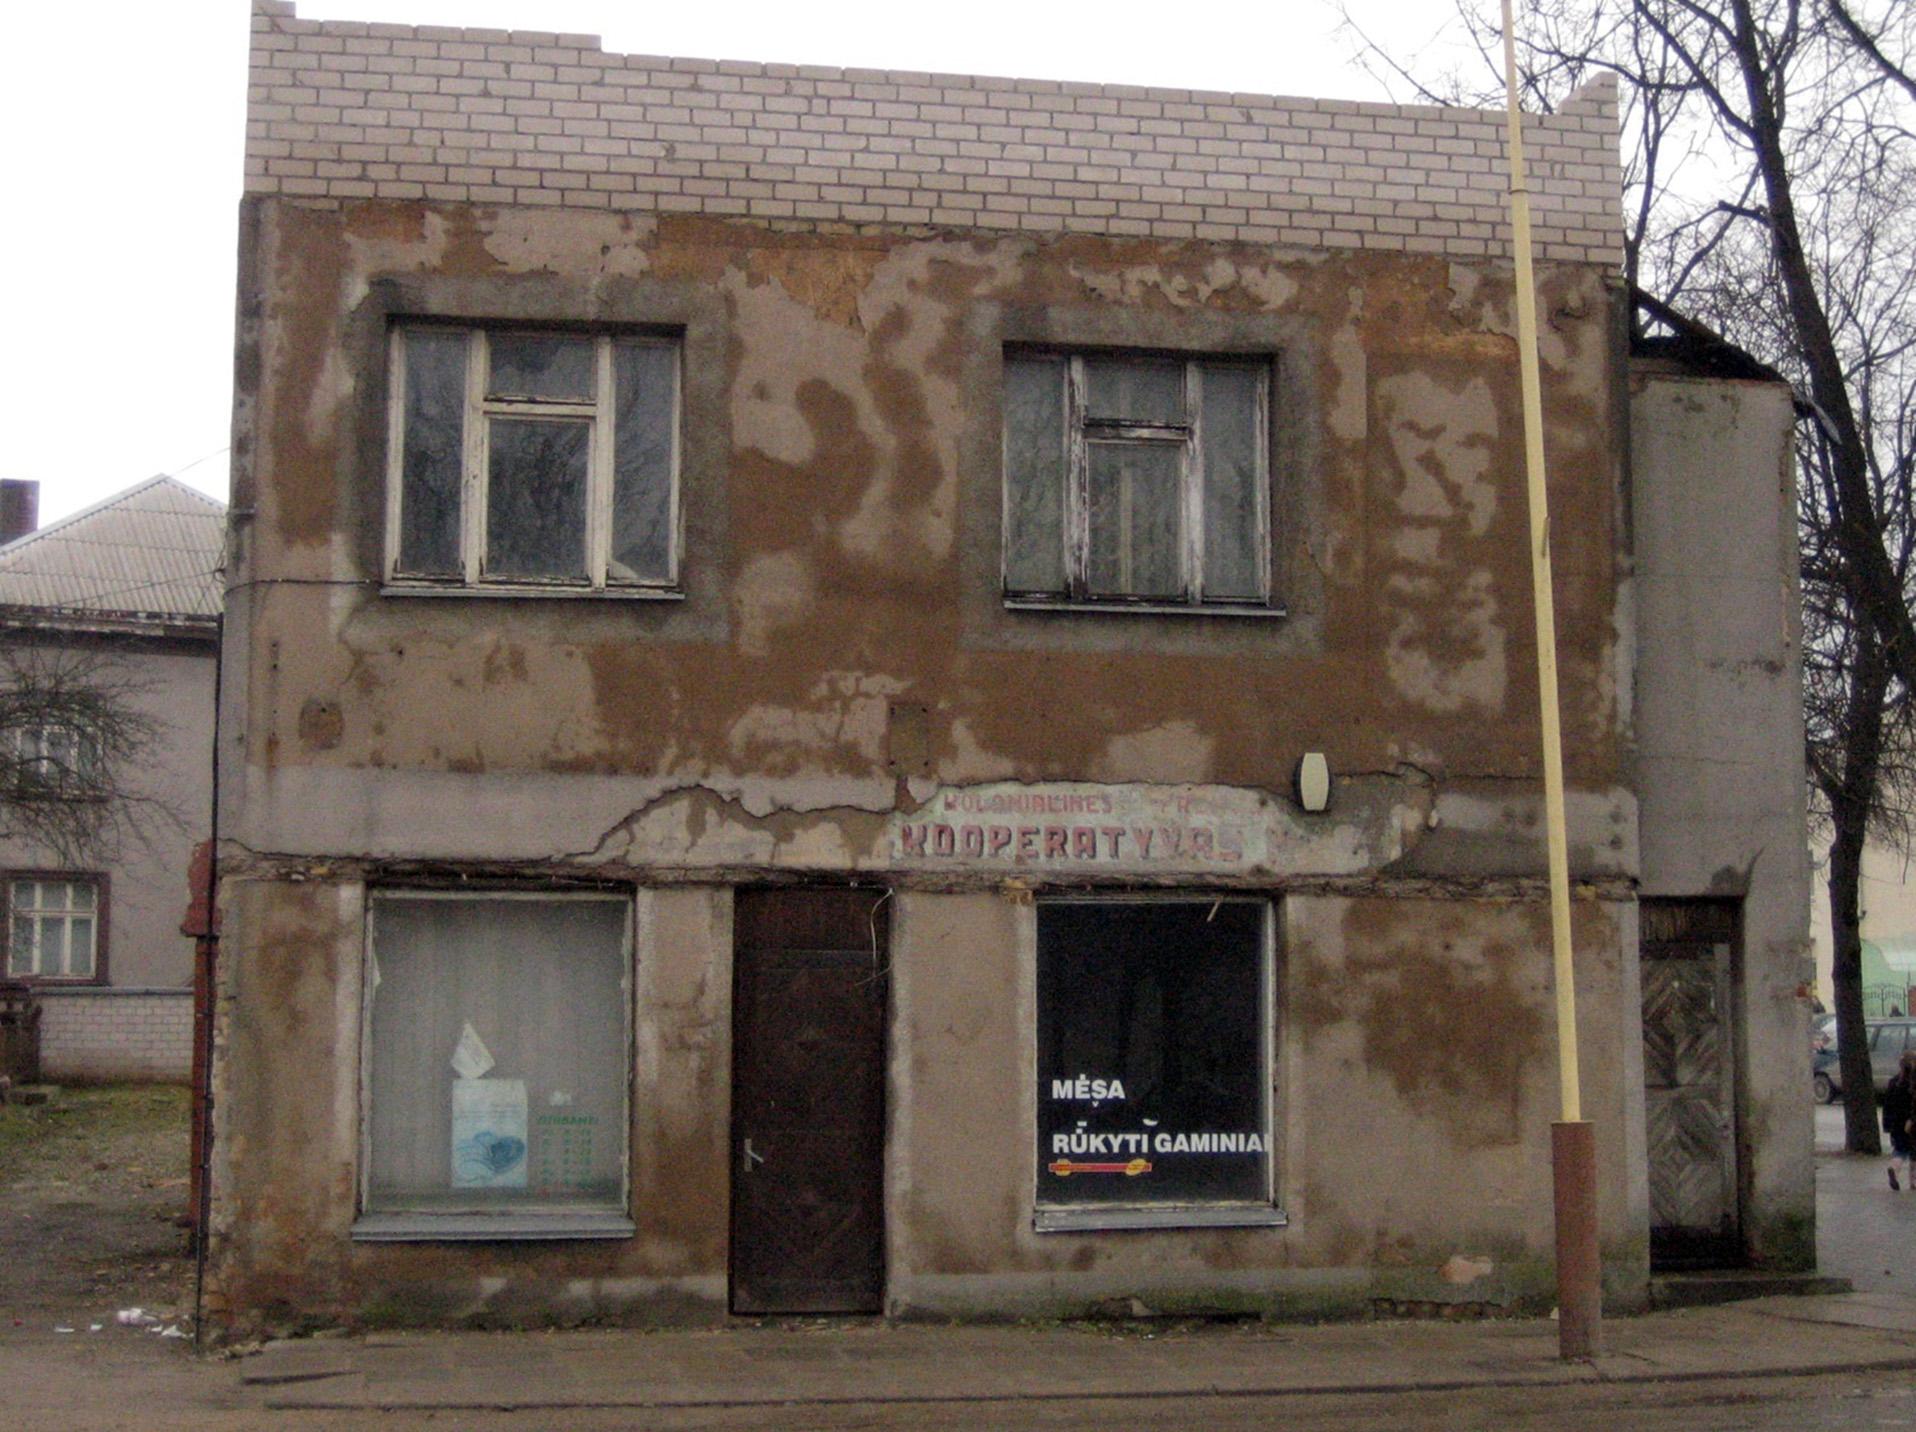 Kelmiškių teigimu, žydams priklausiusios parduotuves pastatas